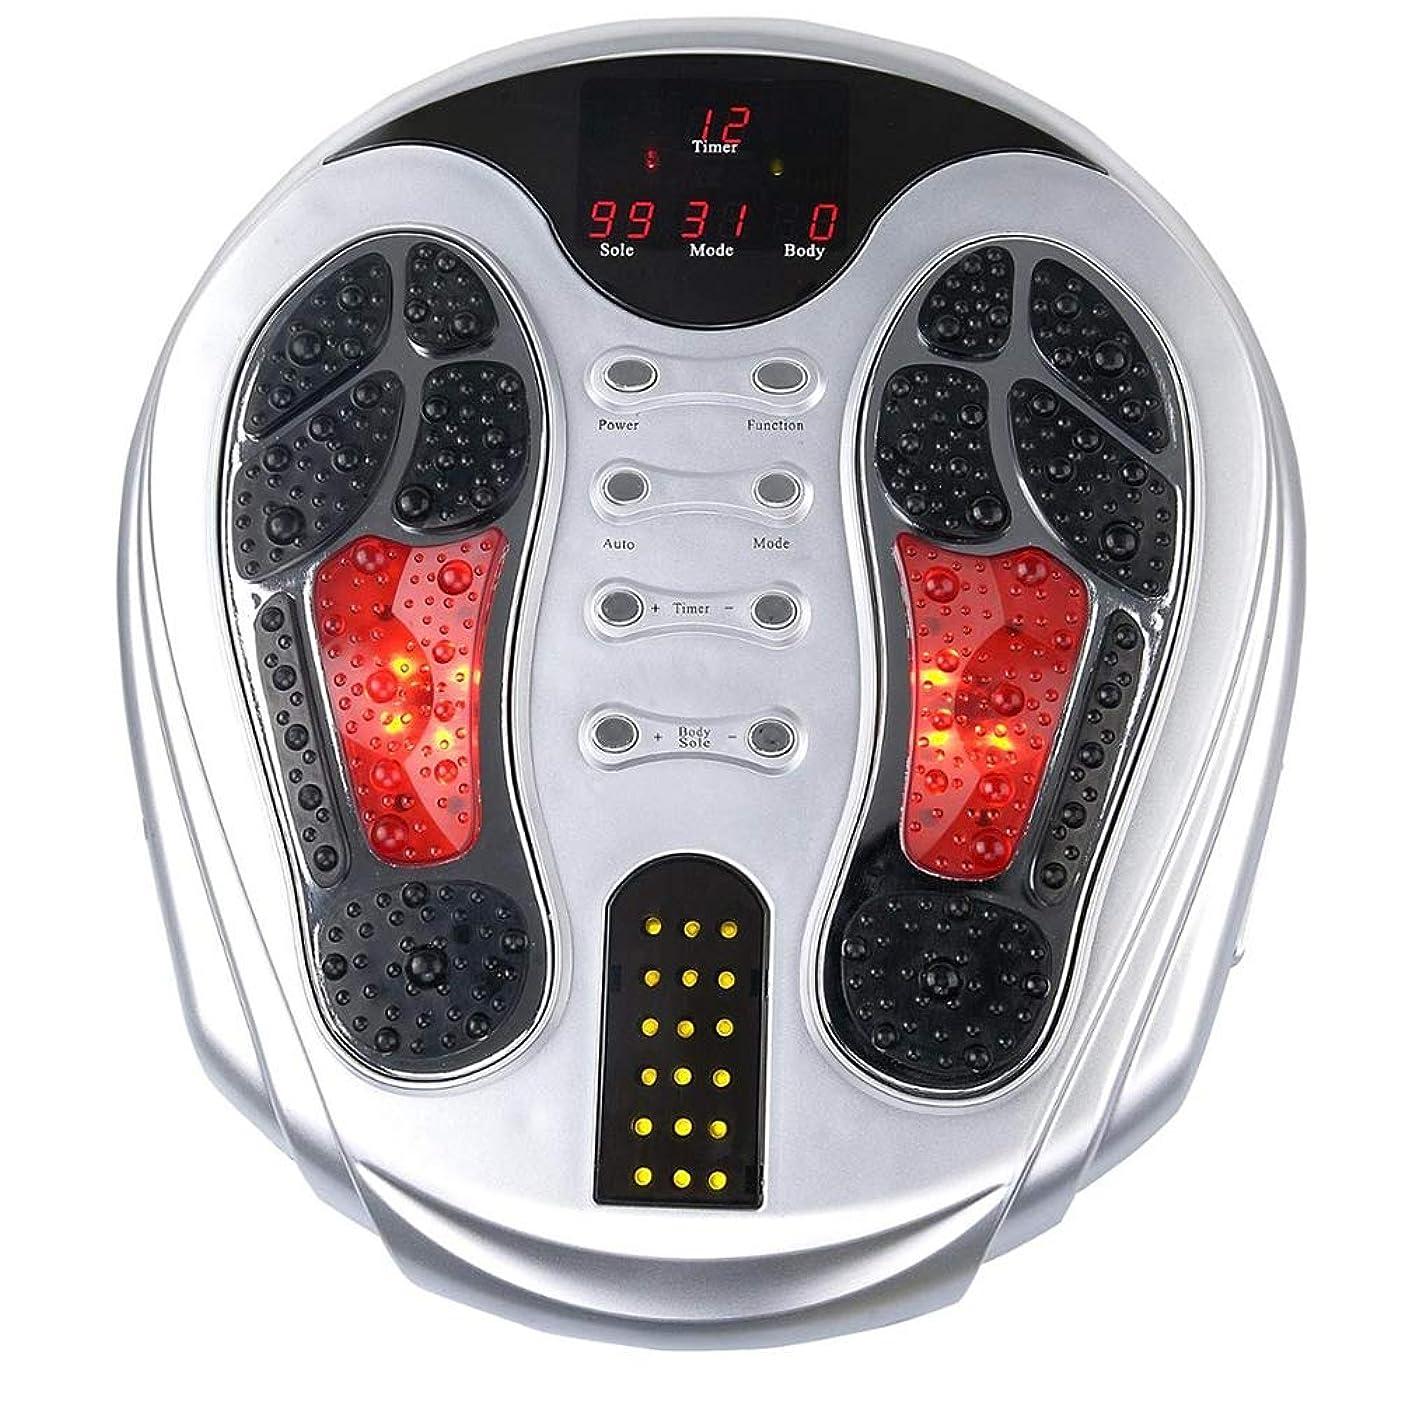 電動フットマッサージャー、EMSフット血液循環マッサージブースター、99の強さ、25のマッサージモード、足&ボディセラピーマシン